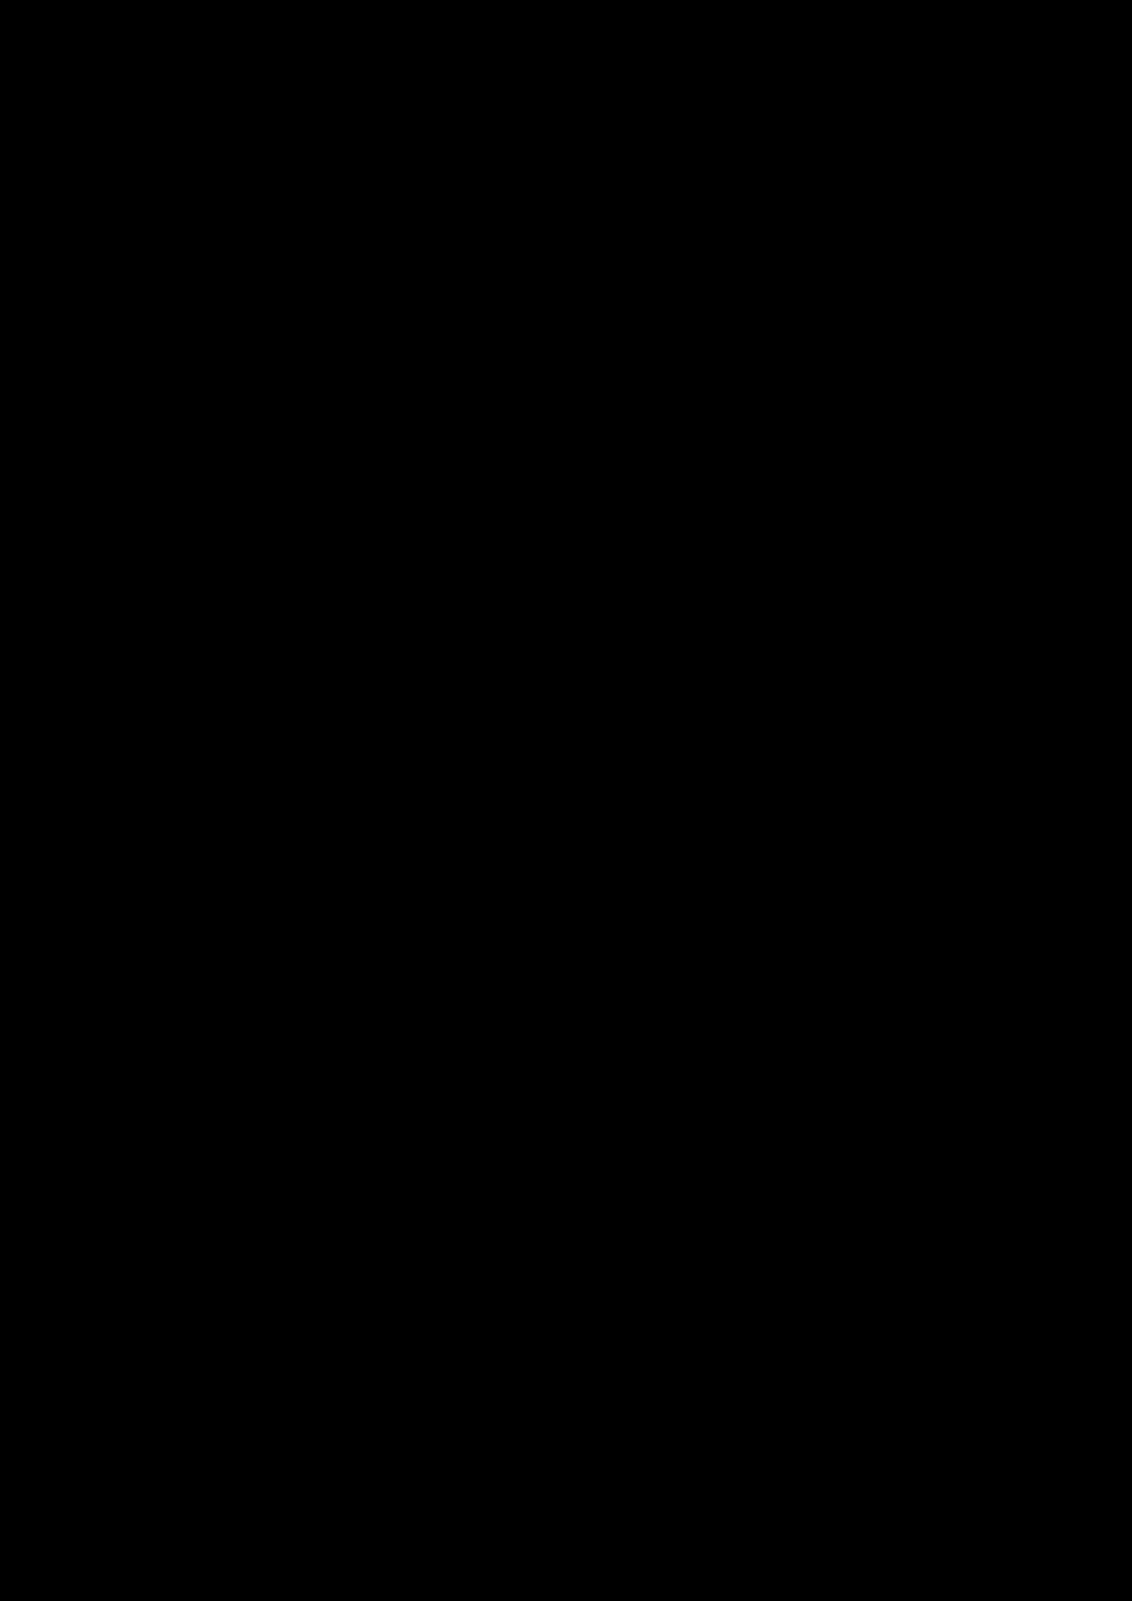 Zagadka volshebnoy stranyi slide, Image 157